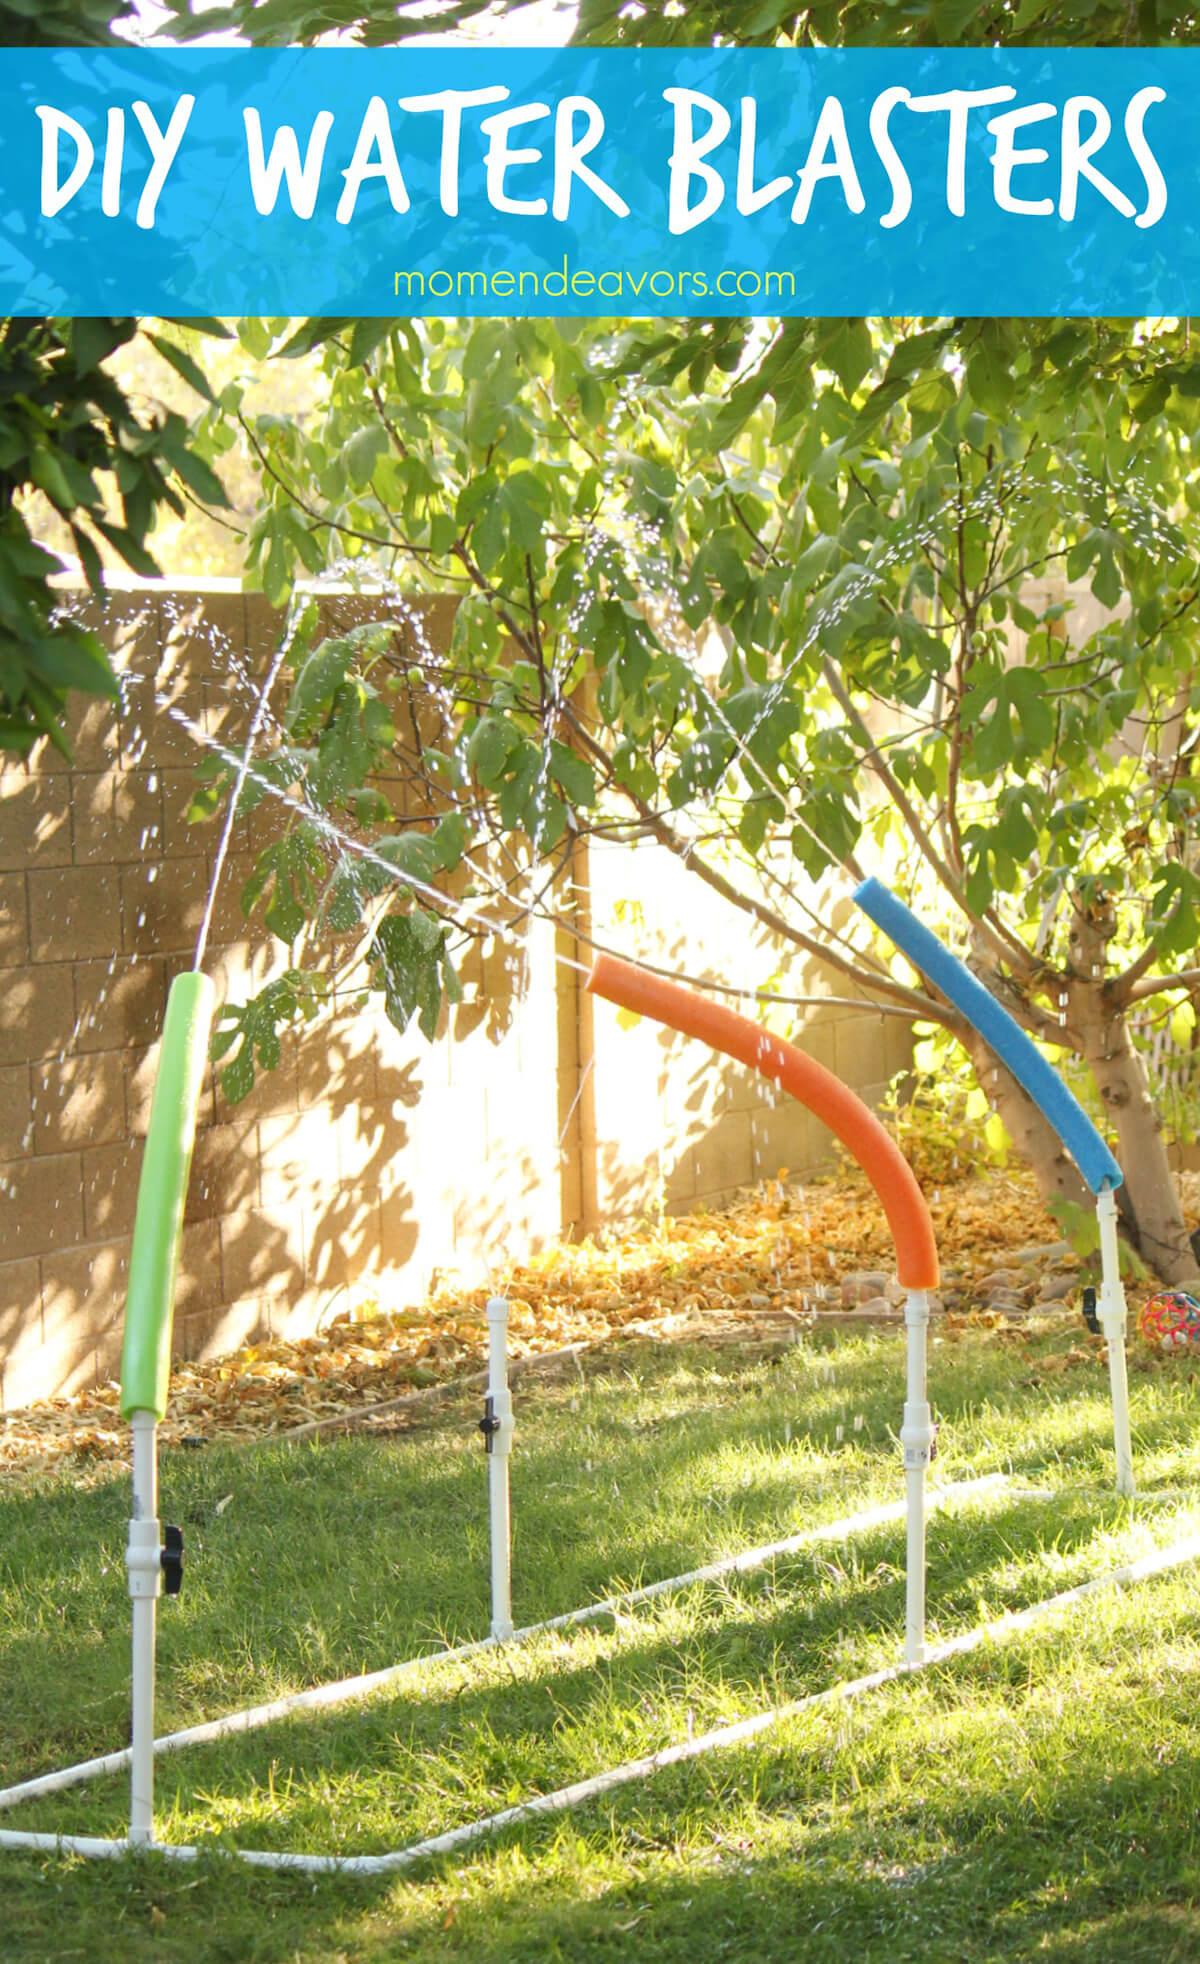 Wild and Wiggly Pool-Noodle Sprinkler Setup